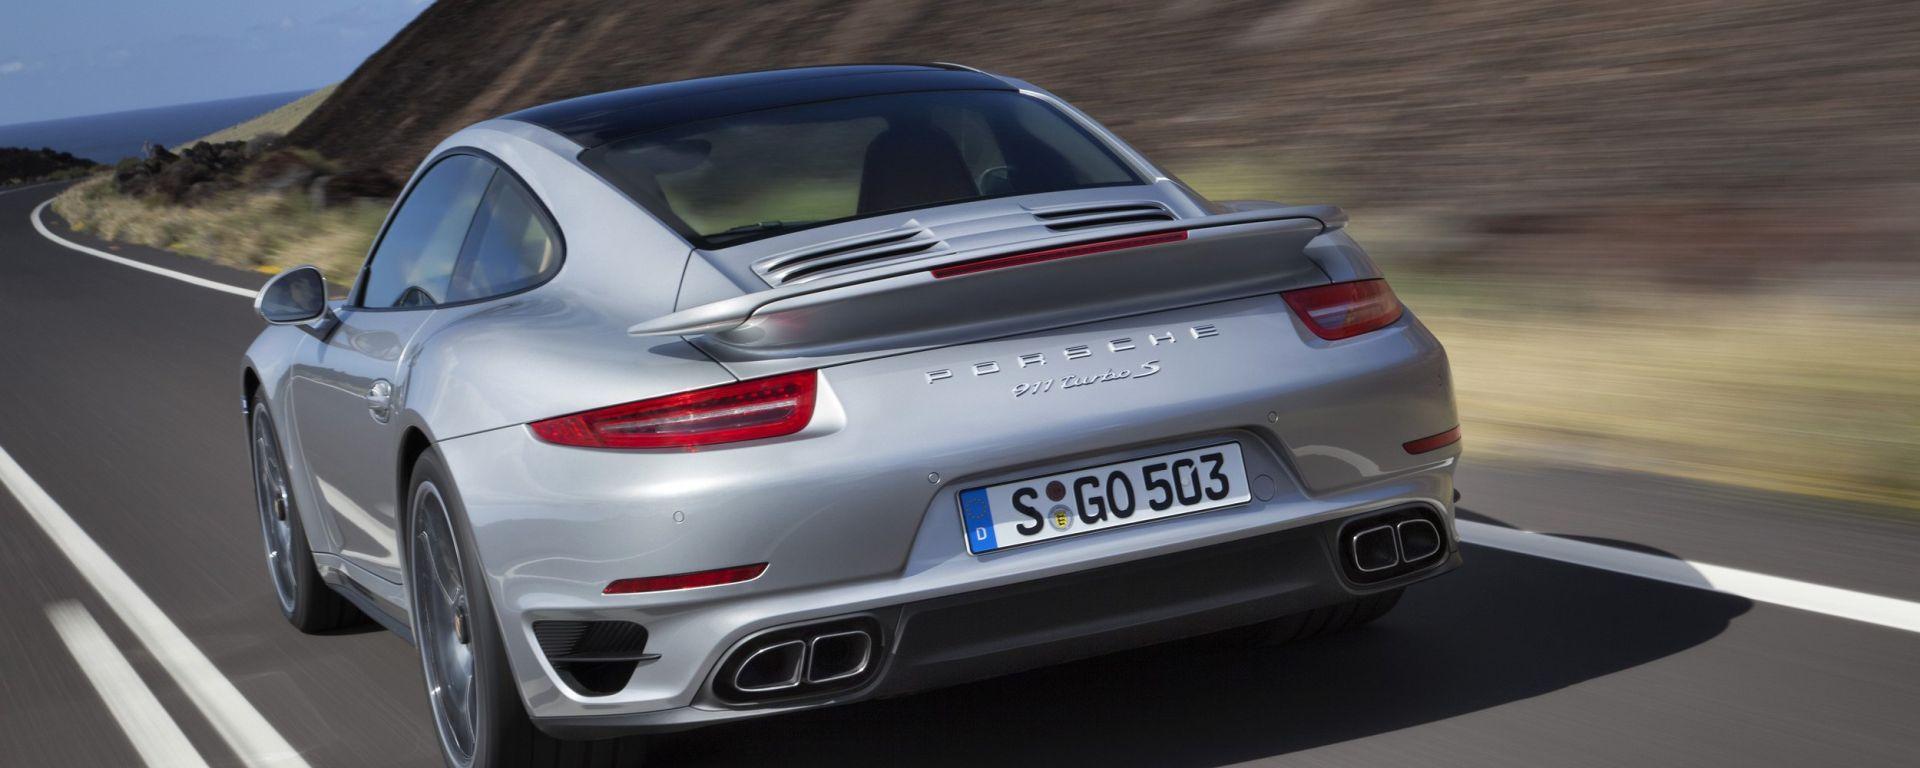 Porsche 911 Turbo e Turbo S 2013